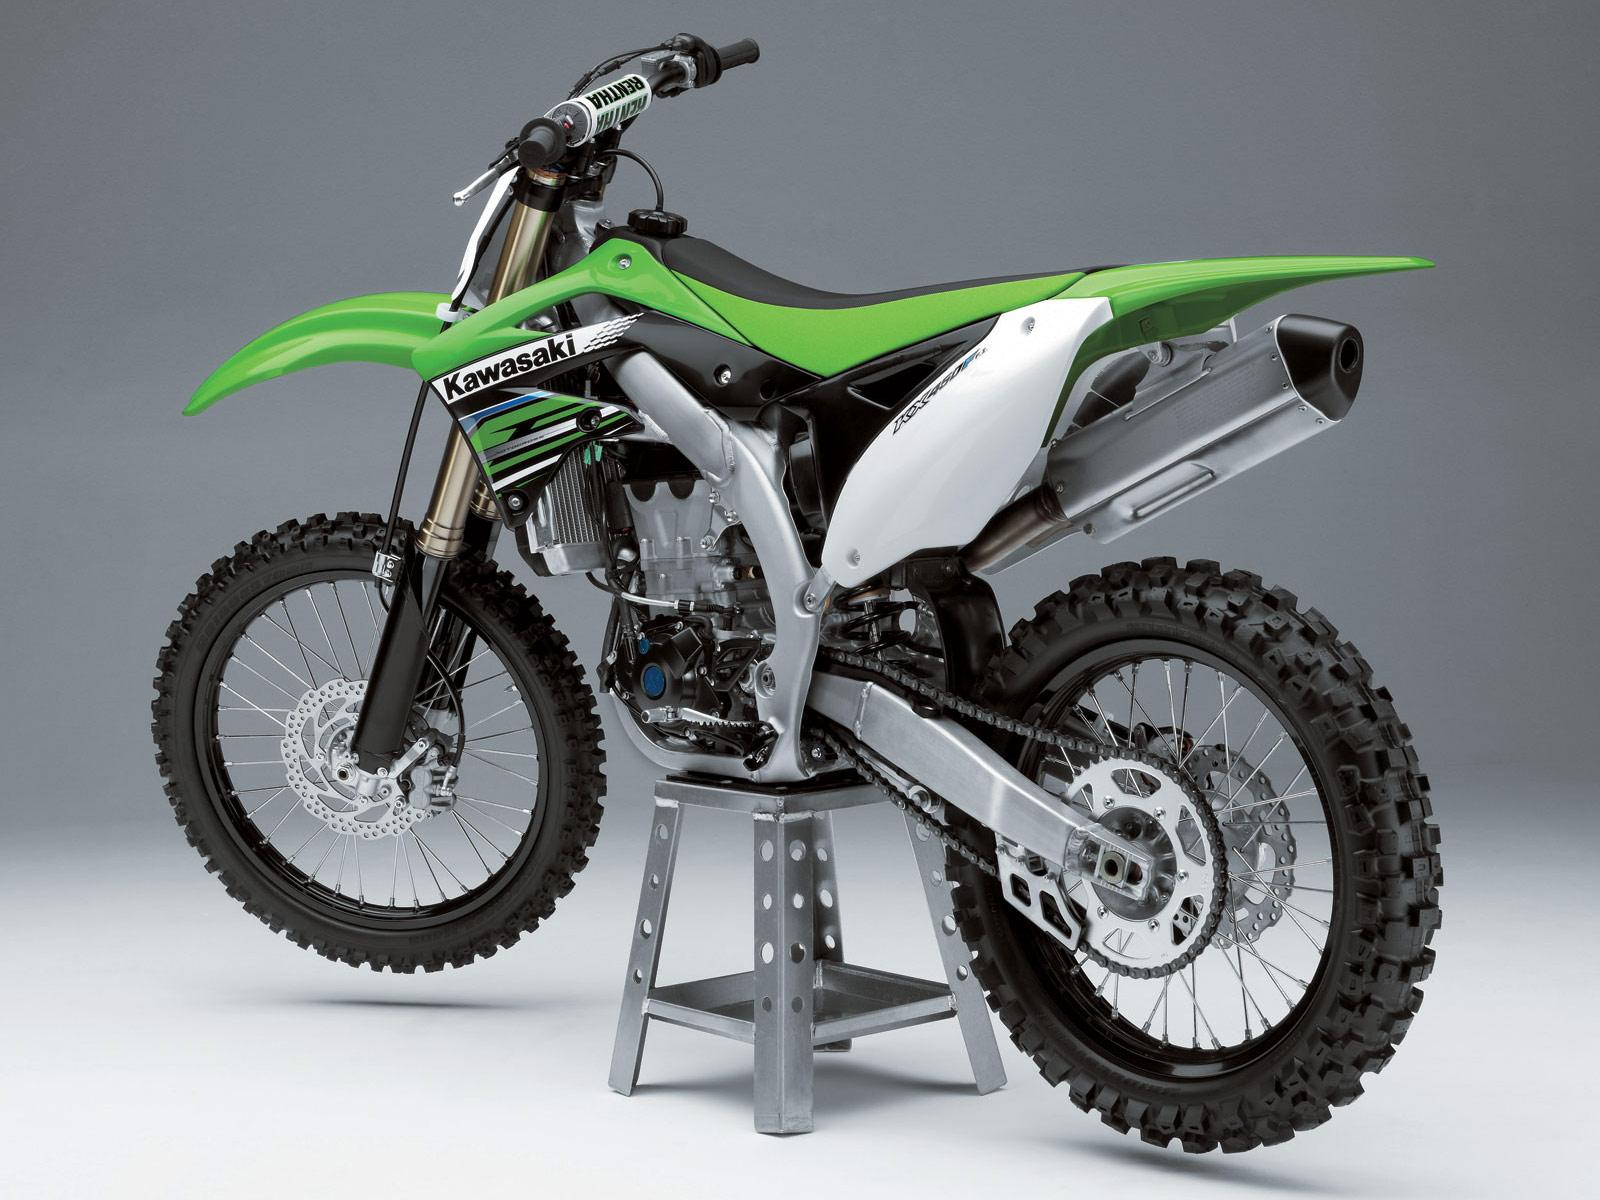 http://1.bp.blogspot.com/-LMQ5fSURaF0/TsgyiTp4_rI/AAAAAAAAJrE/aKZeZYm3hqw/s1600/2012-Kawasaki-KX450F_motorcycle-desktop-wallpapers-1.jpg